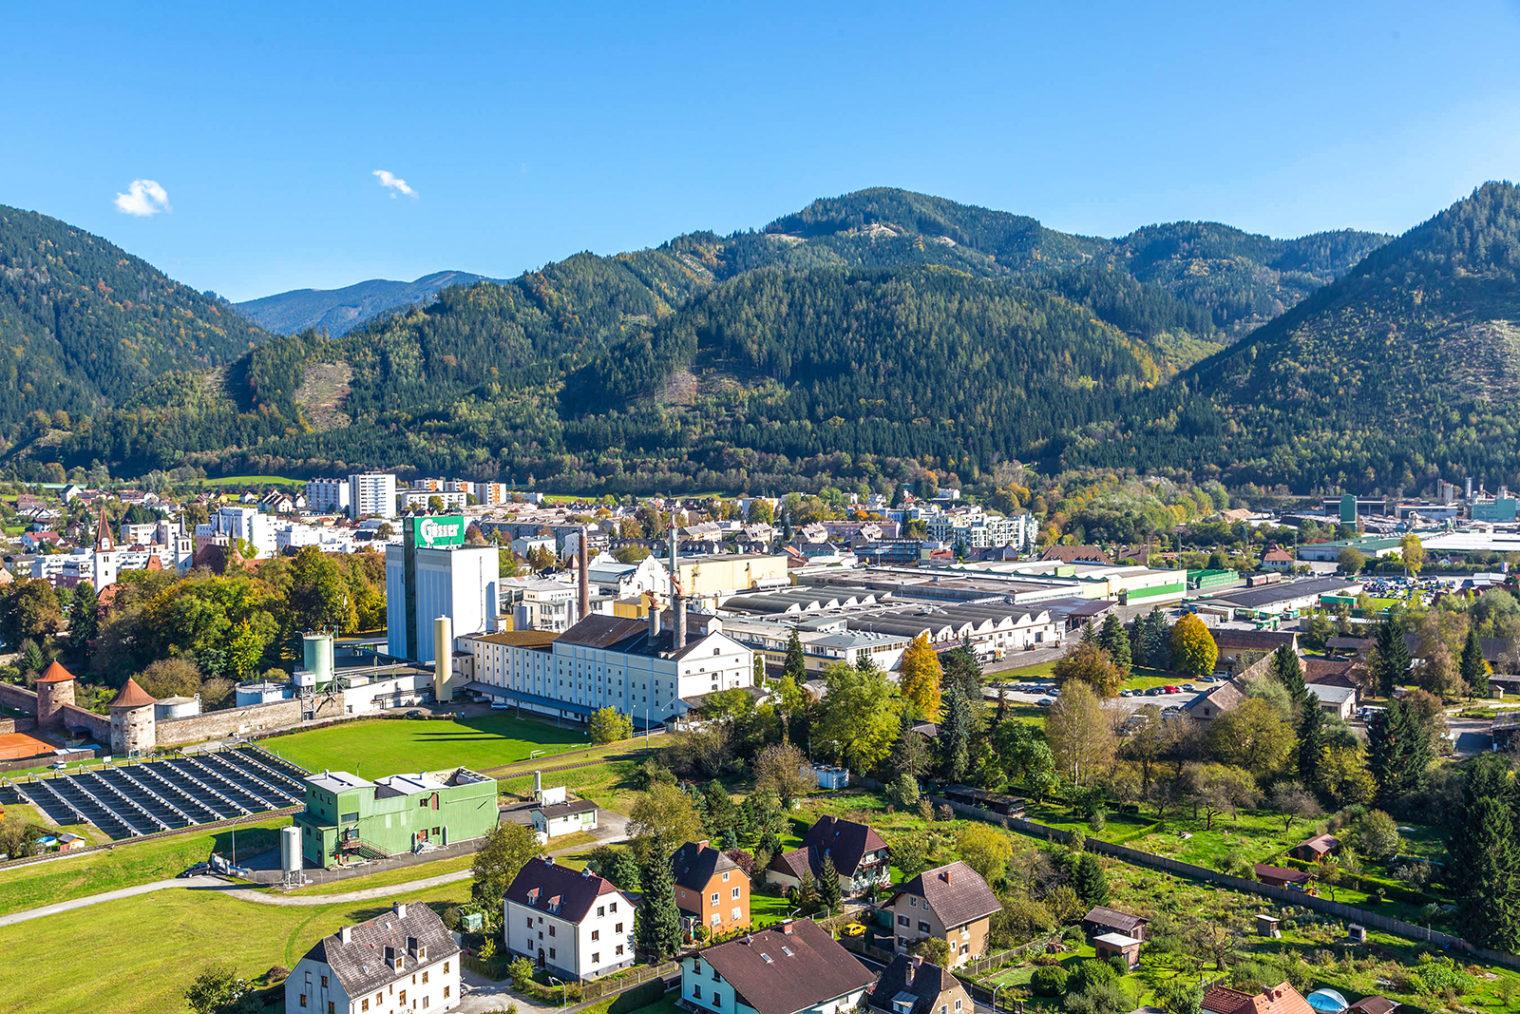 Luftaufnahme Leoben-Göss mit der Gösser Brauerei